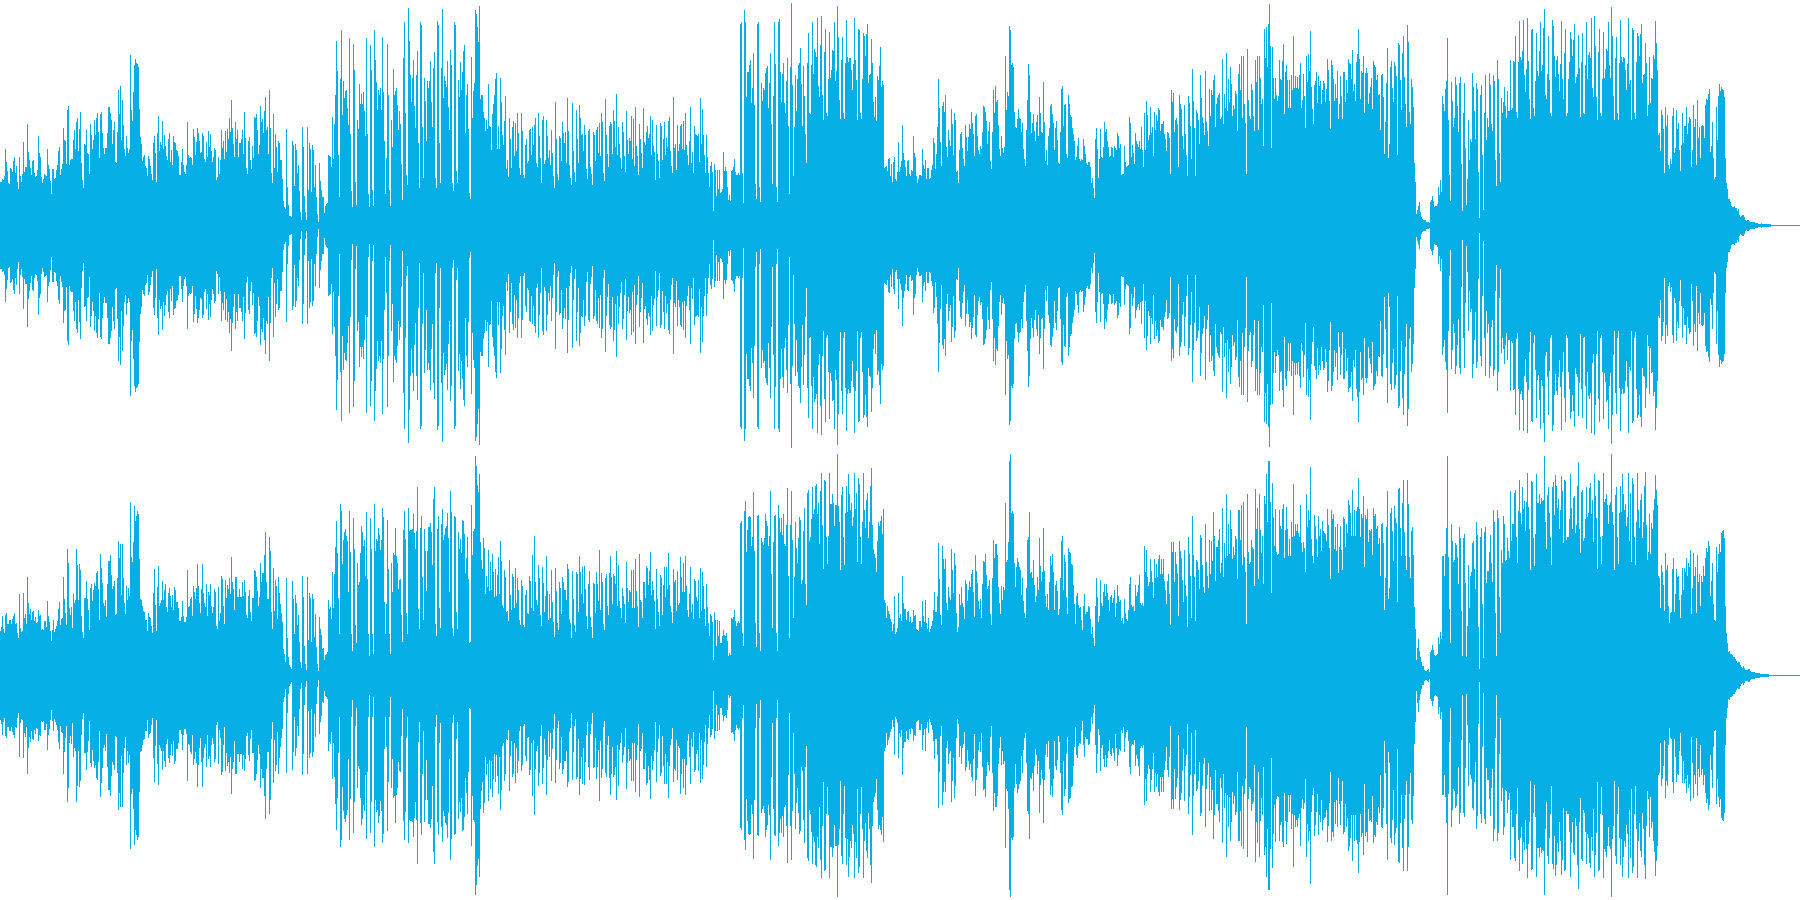 イベント宣伝・EDMフェス風の可愛い曲の再生済みの波形